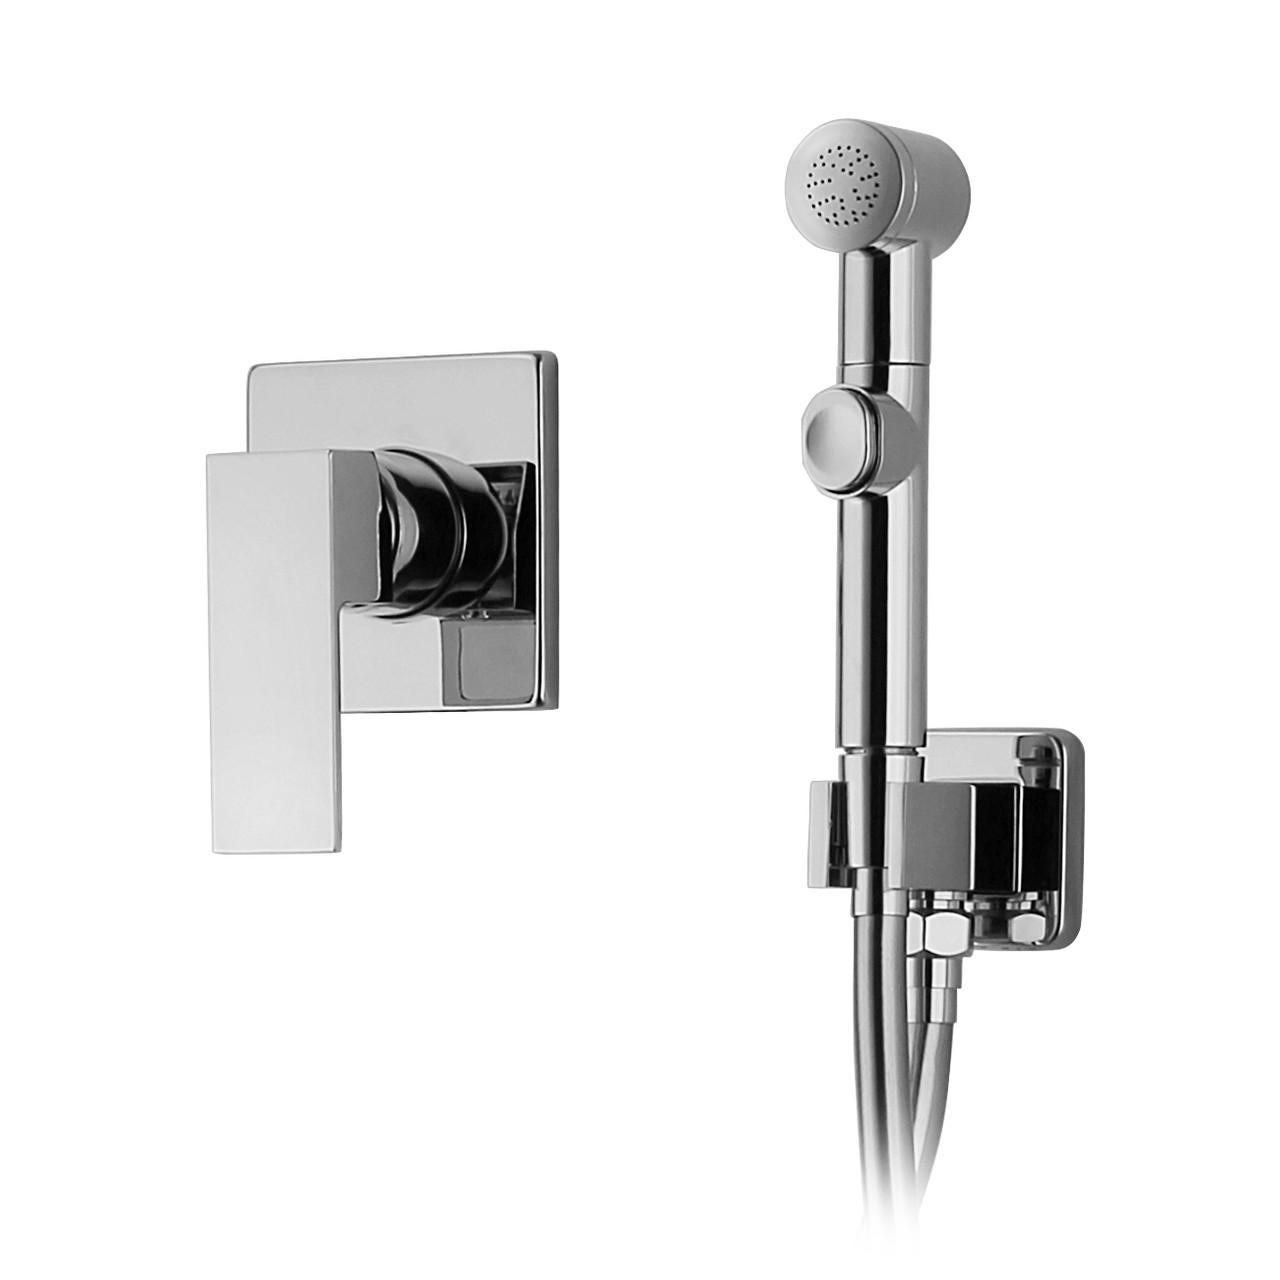 LEON набор (смеситель скрытого монтажа с гигиеническим душем)